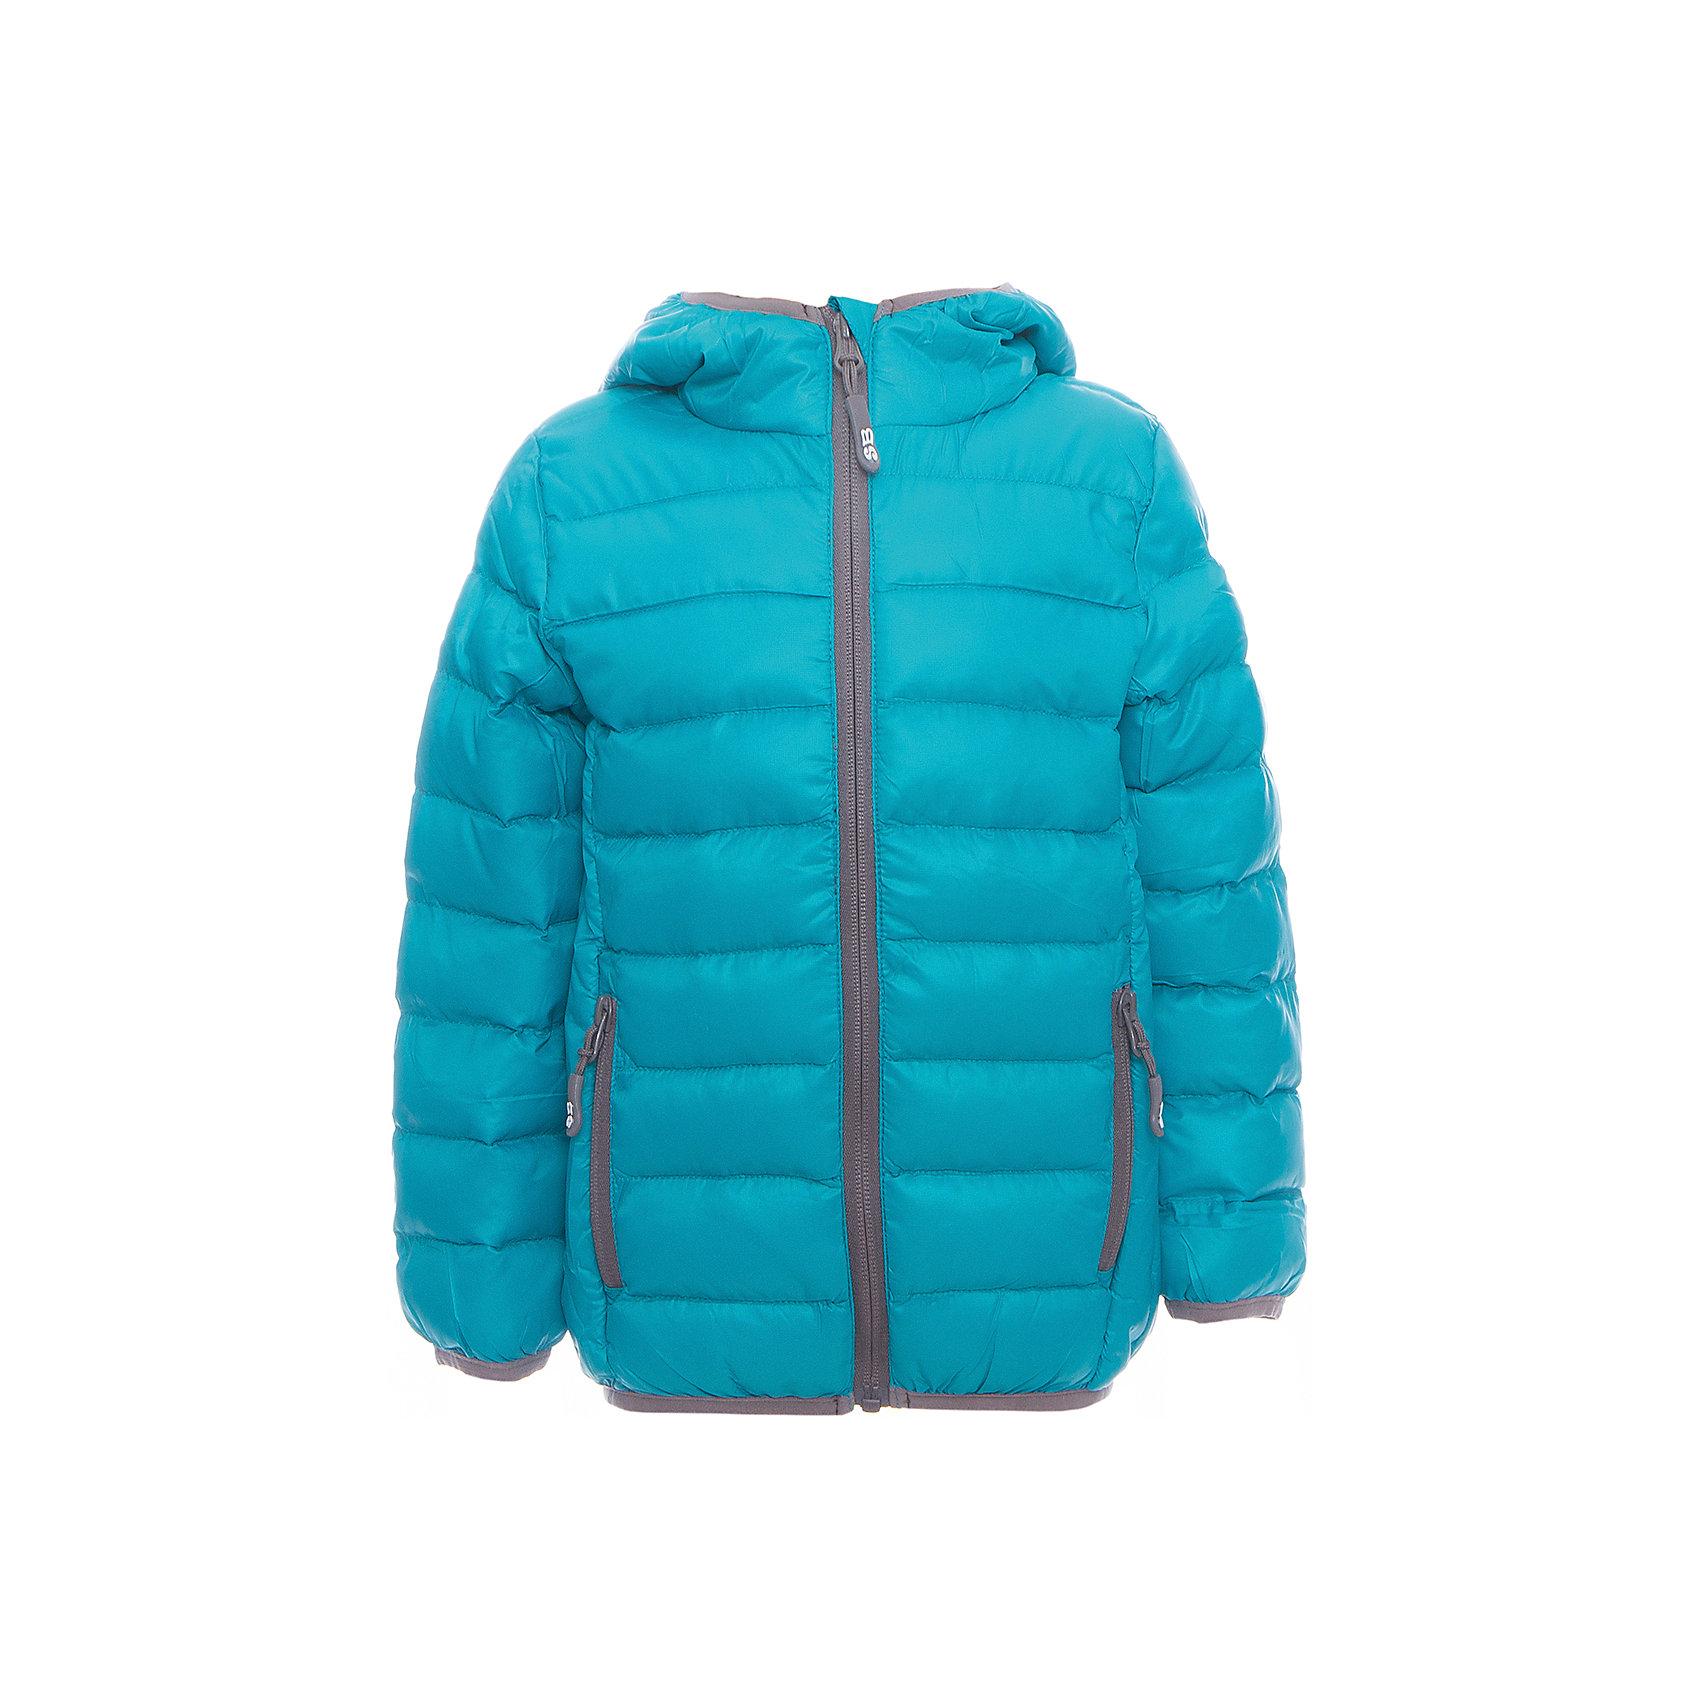 Куртка для мальчика Sweet BerryВерхняя одежда<br>Красивая, удобная и теплая куртка синего цвета на синтепоне для мальчика. Классический прямой крой выгодно подчеркивается контрастными вертикальными молниями-застежками. На рукавах манжеты для плотного прилегания к телу.<br>Состав:<br>Верх:  100% нейлон.  Подкладка: 100% нейлон. Наполнитель: 100%полиэстер<br><br>Ширина мм: 356<br>Глубина мм: 10<br>Высота мм: 245<br>Вес г: 519<br>Цвет: зеленый<br>Возраст от месяцев: 24<br>Возраст до месяцев: 36<br>Пол: Мужской<br>Возраст: Детский<br>Размер: 98,104,110,116,122,128,134,140<br>SKU: 5412973